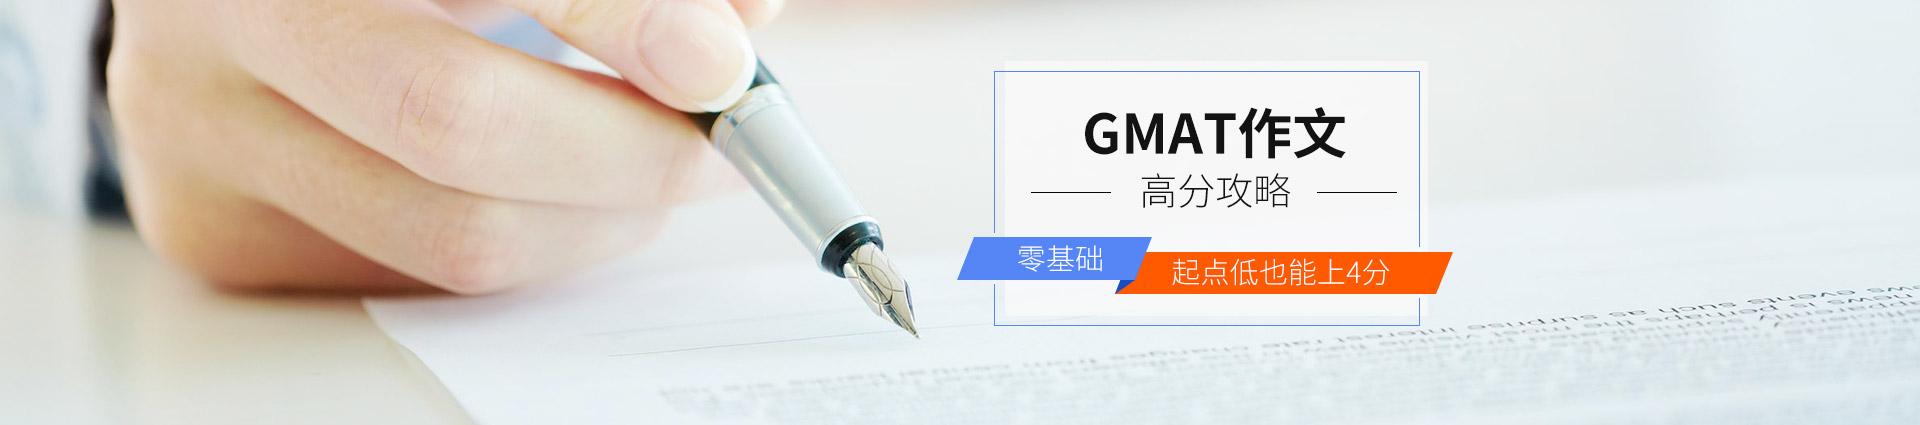 GMAT写作冲刺高分备考指导